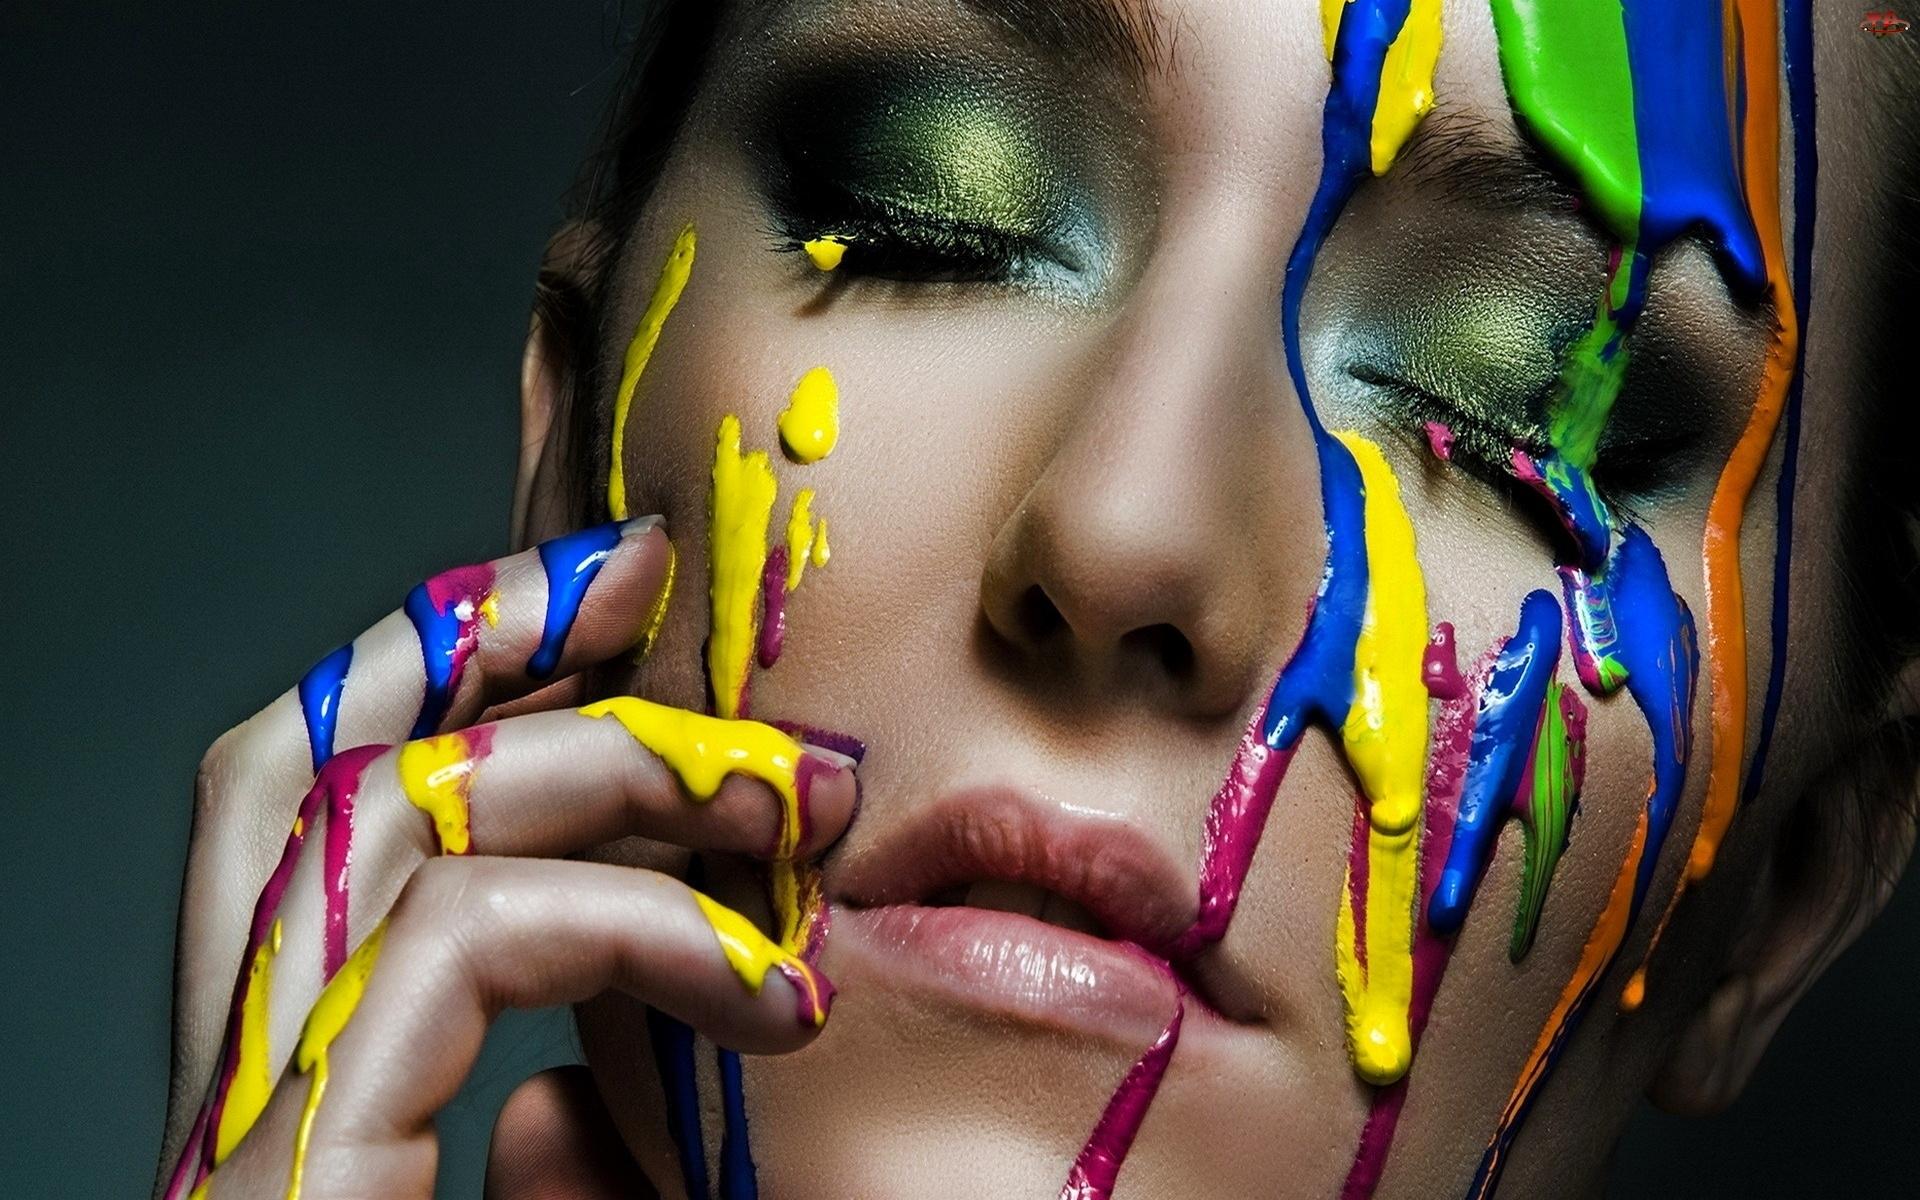 Kobieta, Farbki, Twarz, Kolorowe